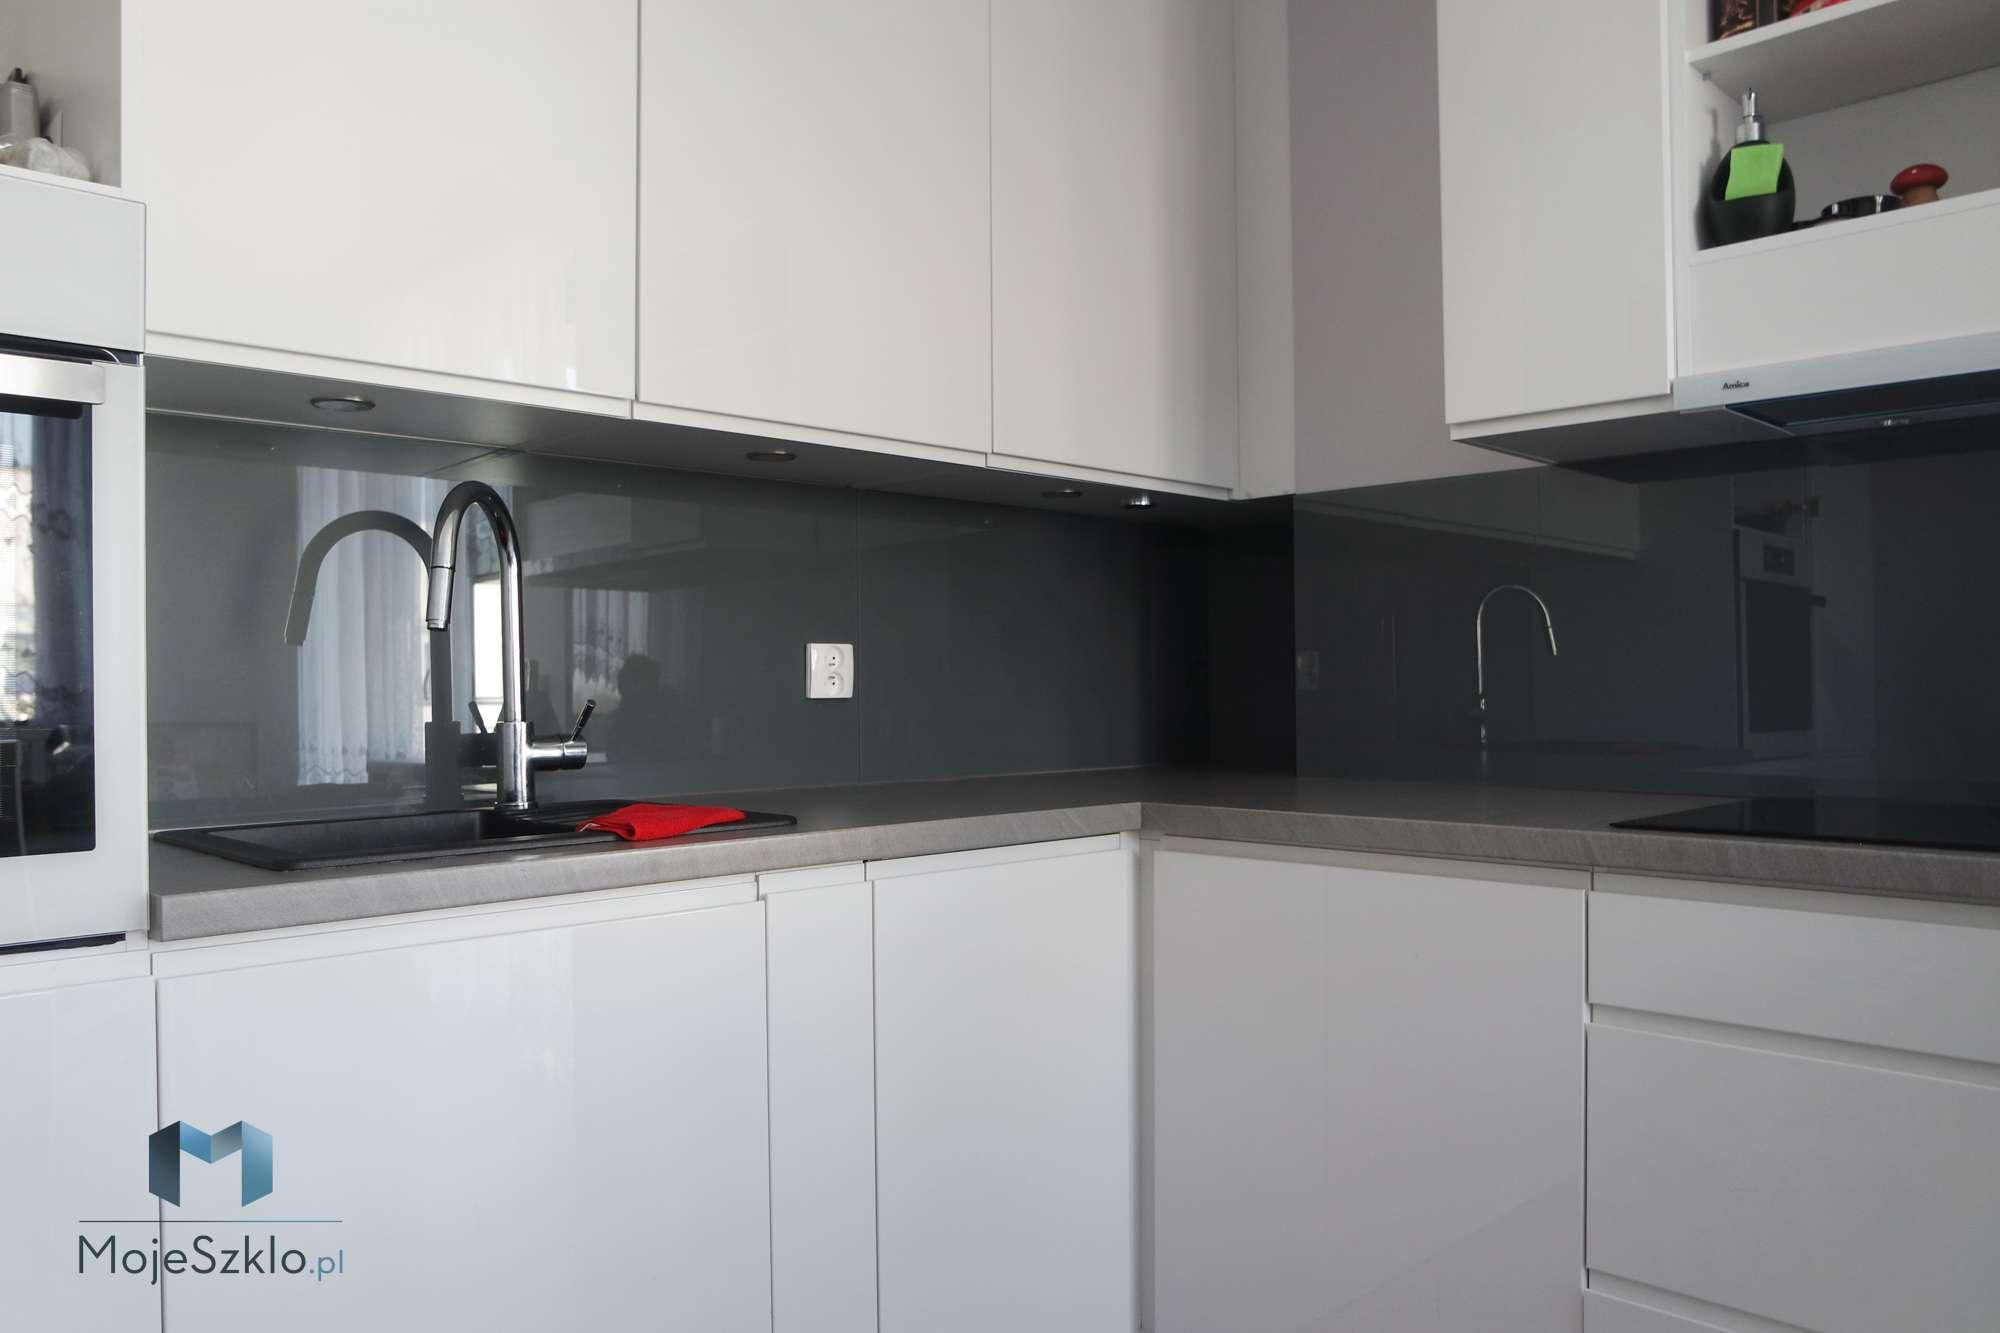 Lacobel Kolory Szary Ciemny - Lacobel kolory. Wzornik dostępnych odcieni